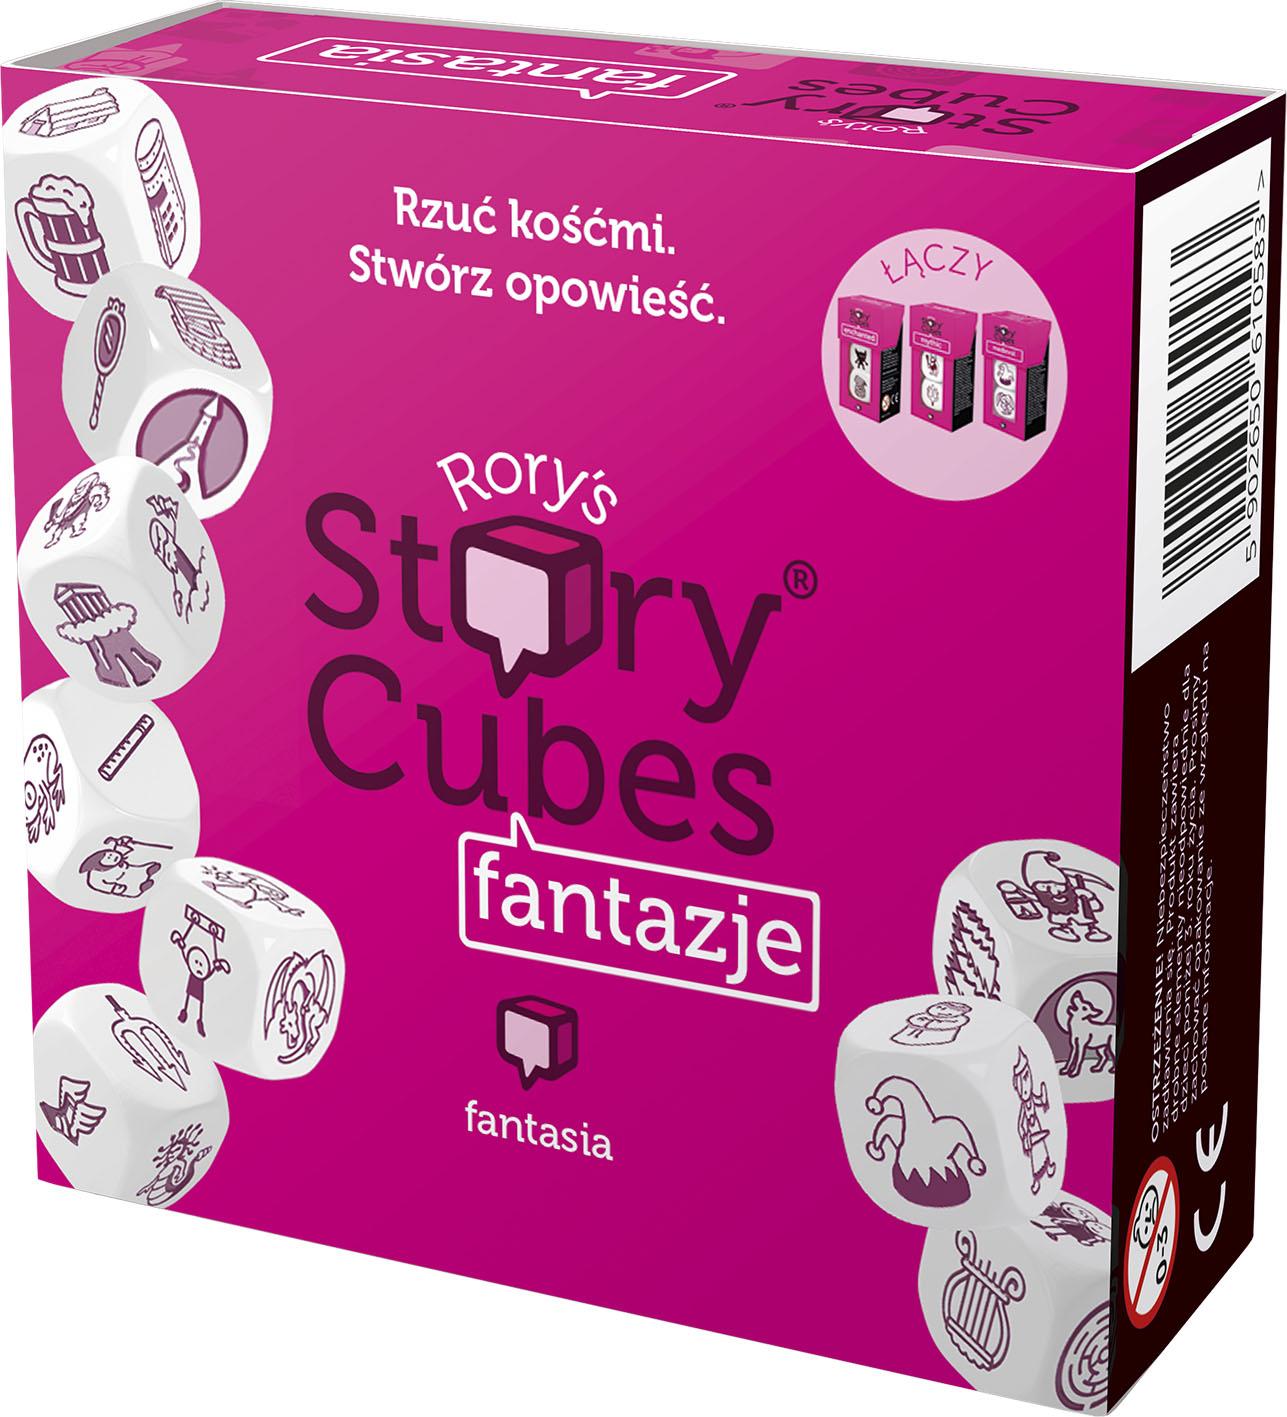 Story Cubes: Fantazje